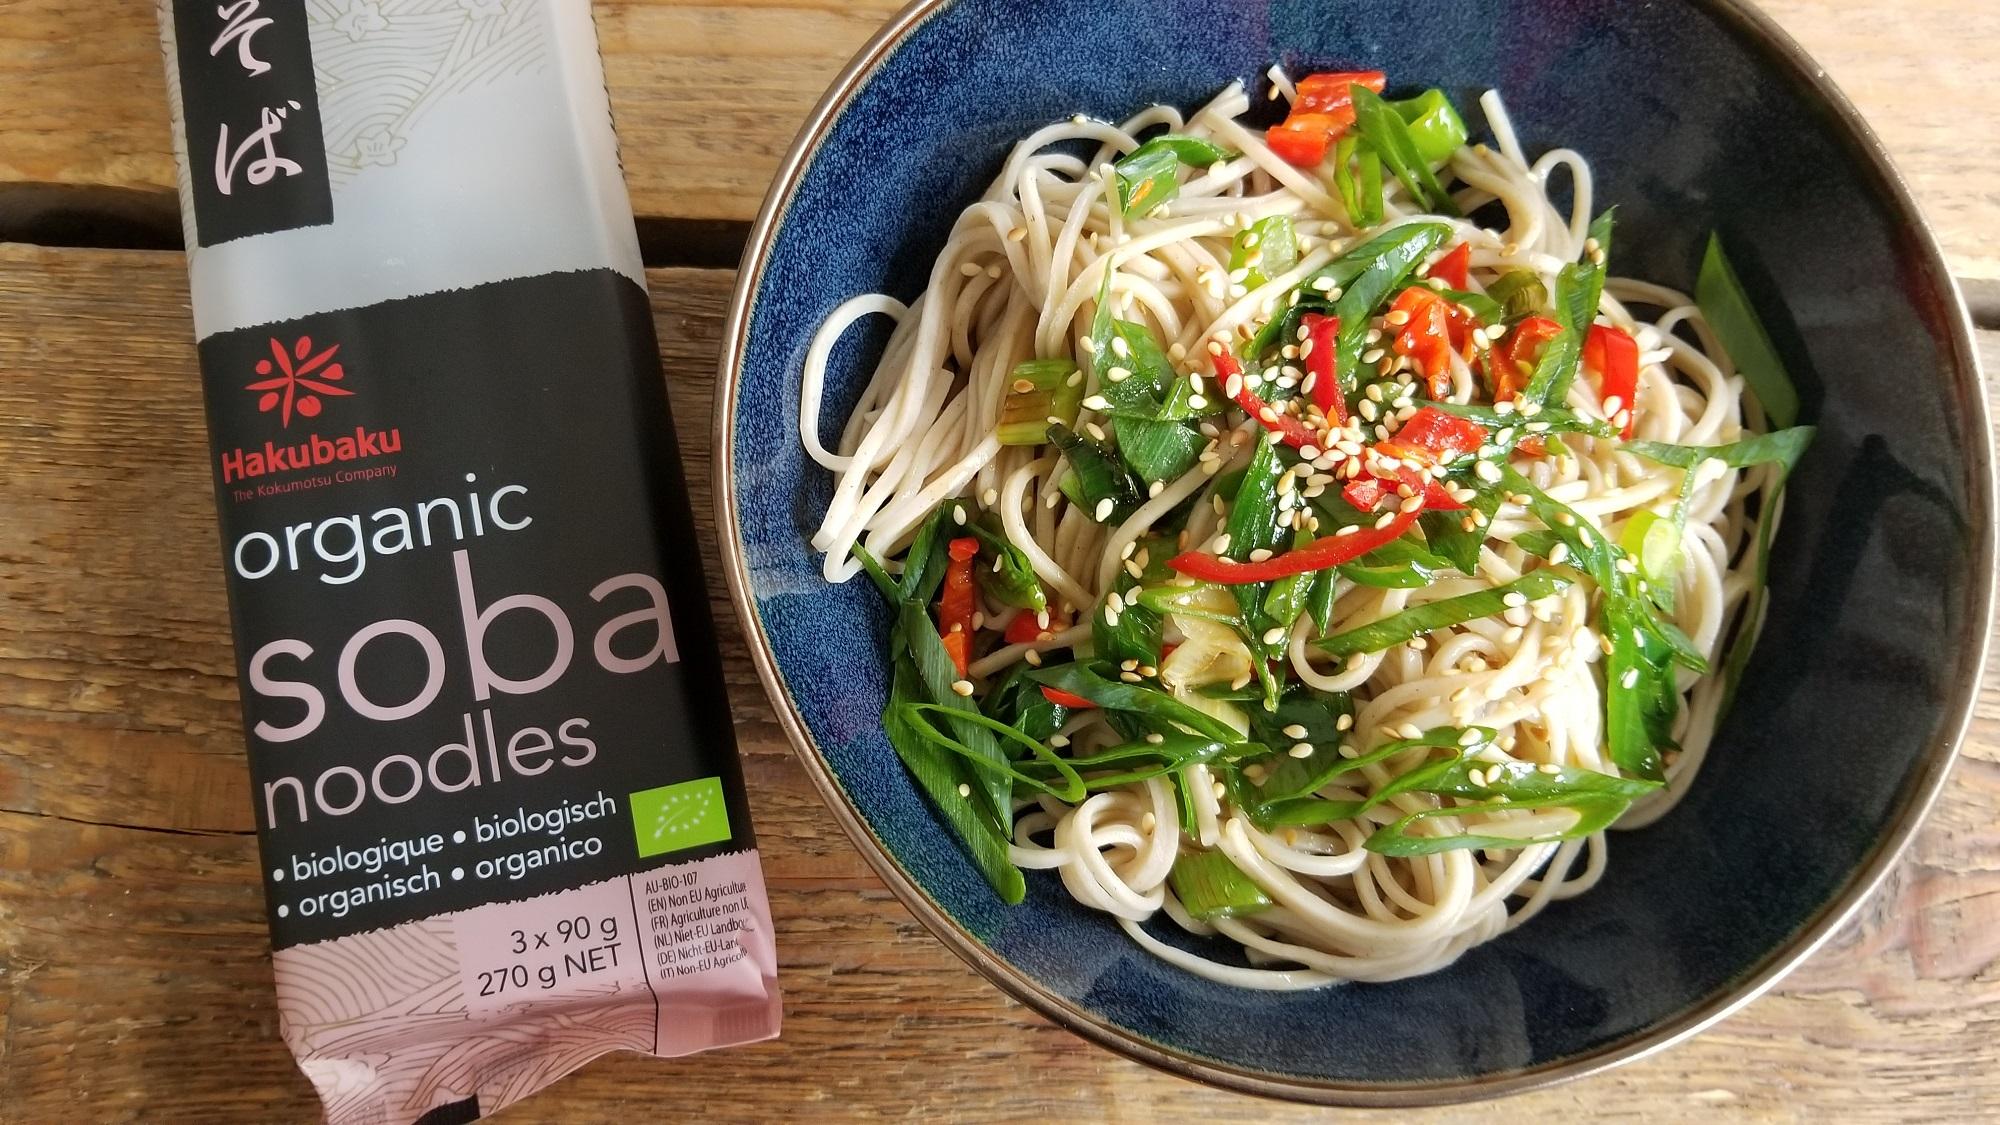 Recept voor gezonde soba noedels